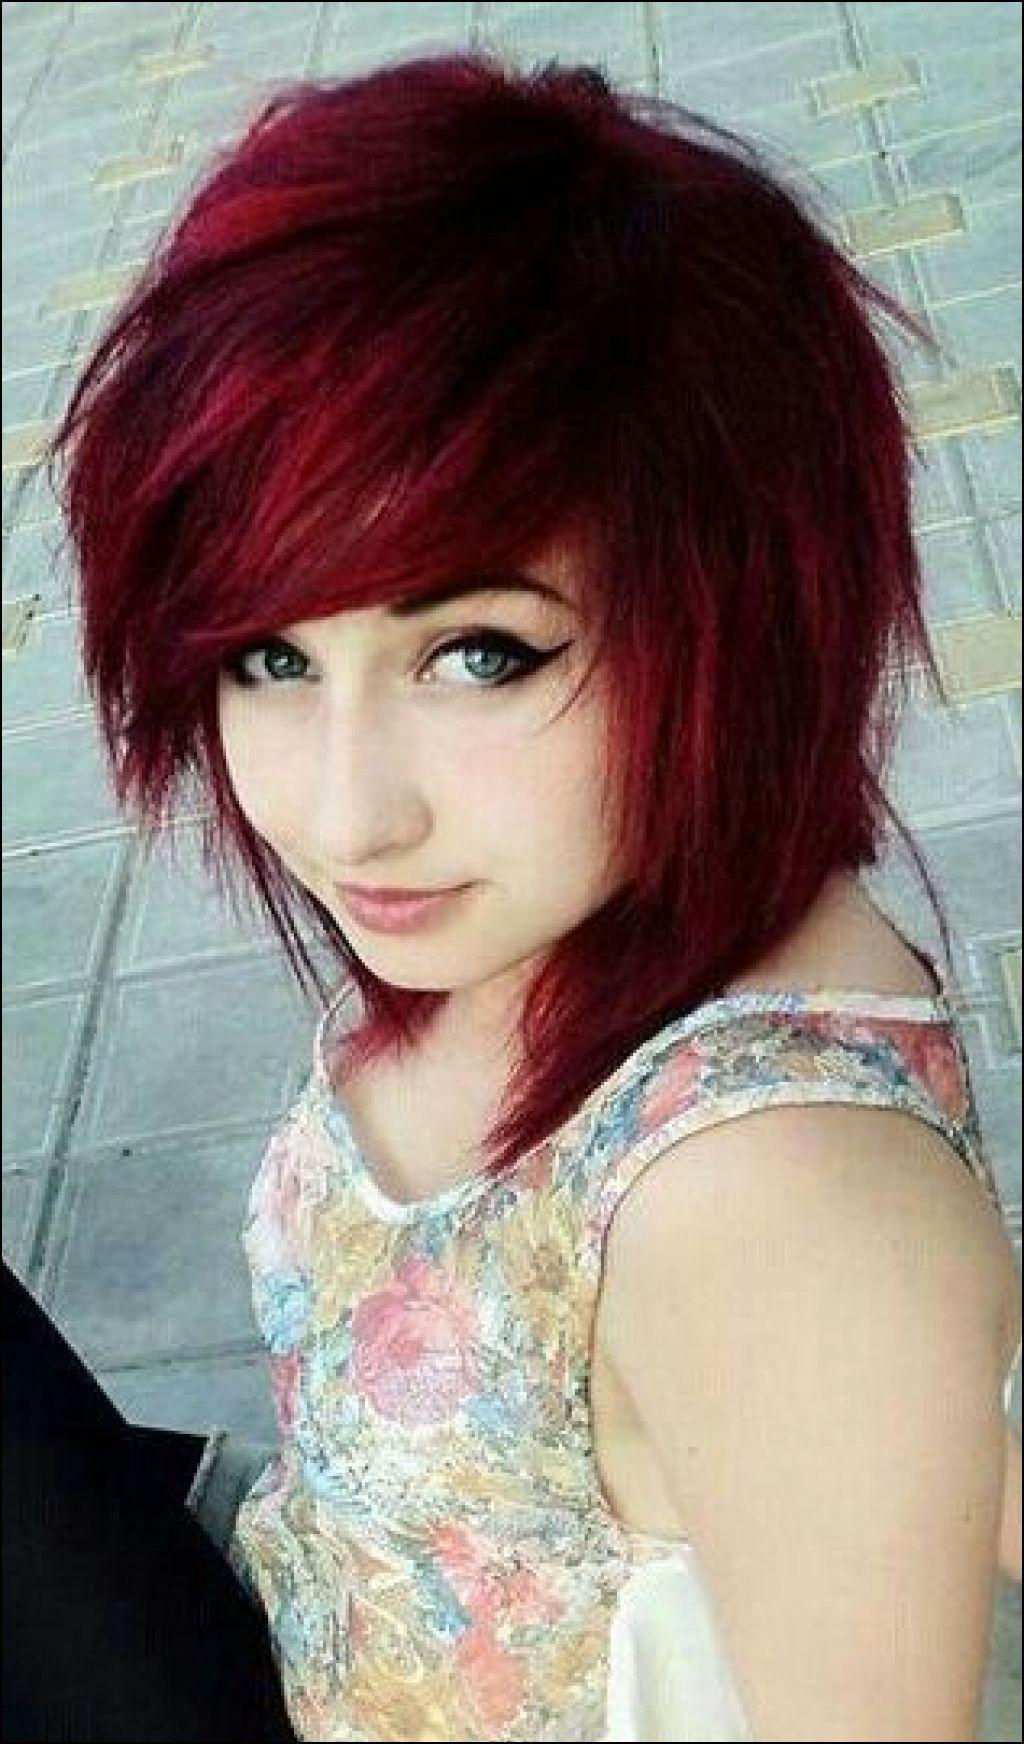 Taylorsex black emo teen sluts torrent bibi